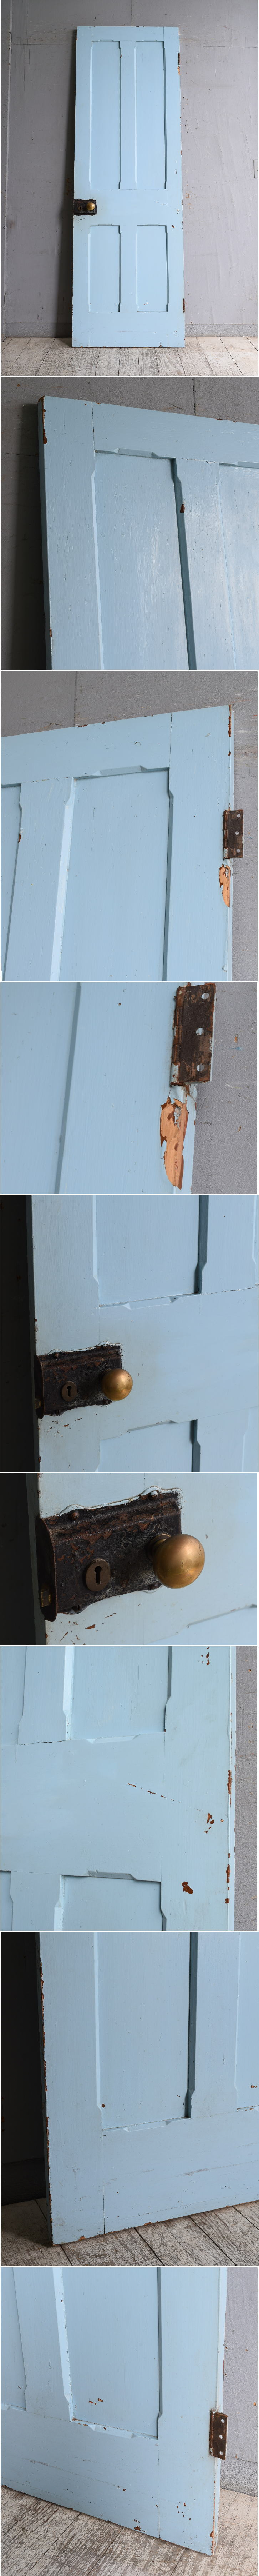 イギリス アンティーク ドア 扉 建具 10158